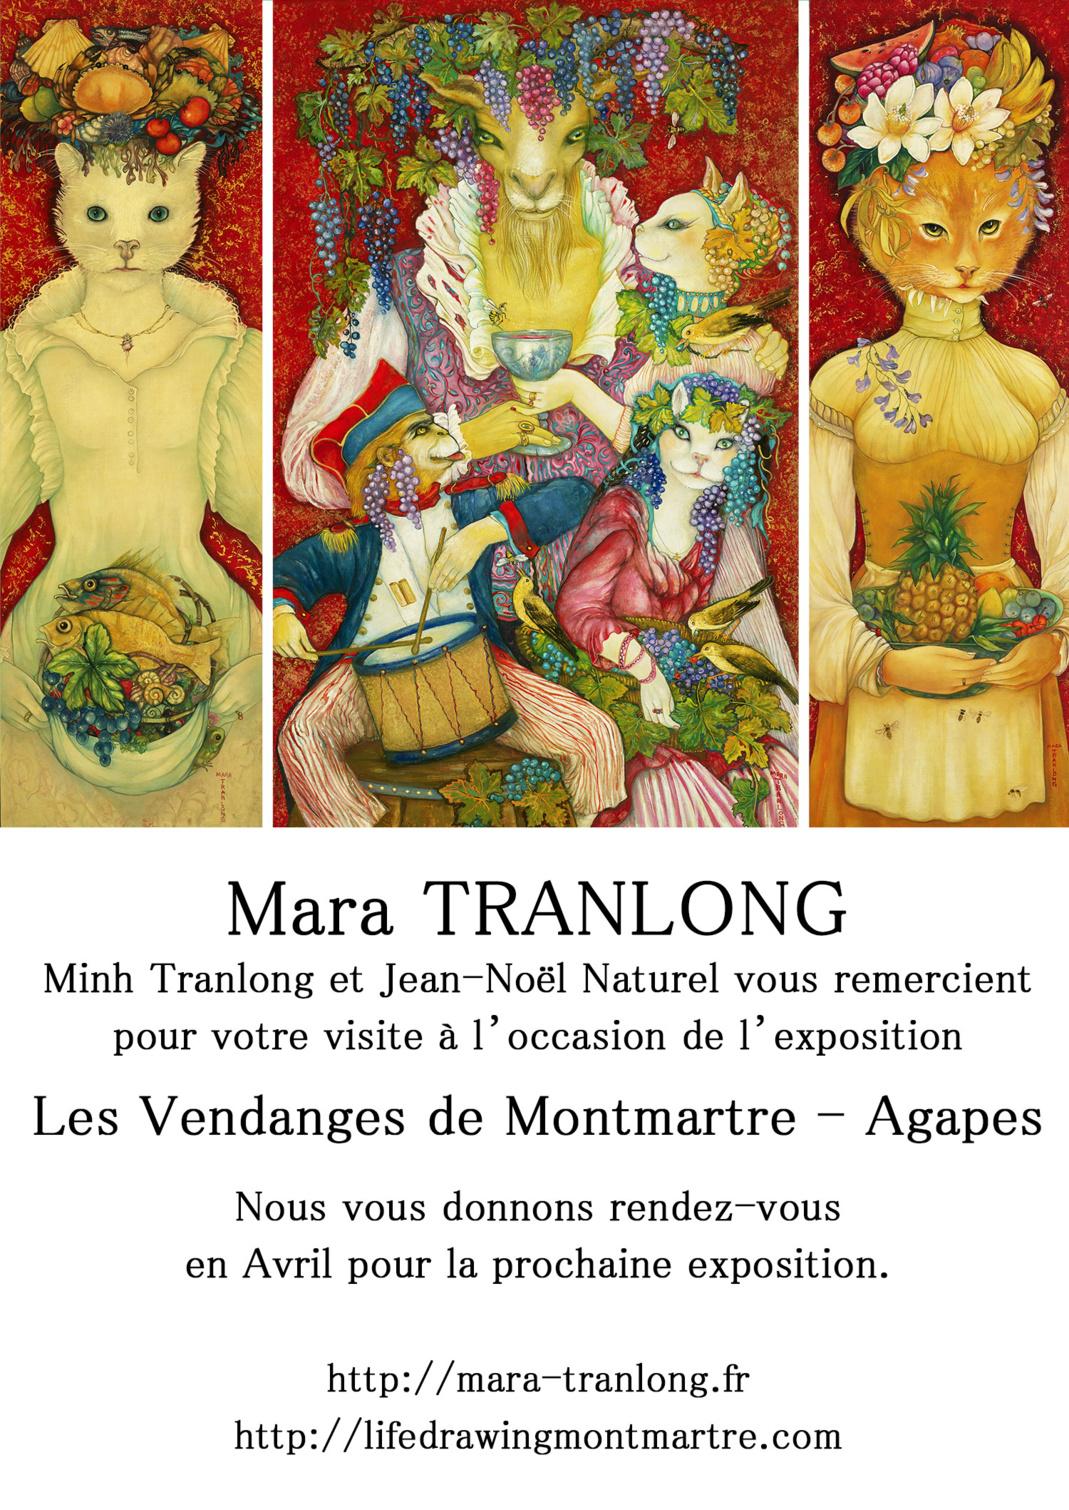 Mara Tranlong vous remercie pour votre visite à l'occasion de son exposition